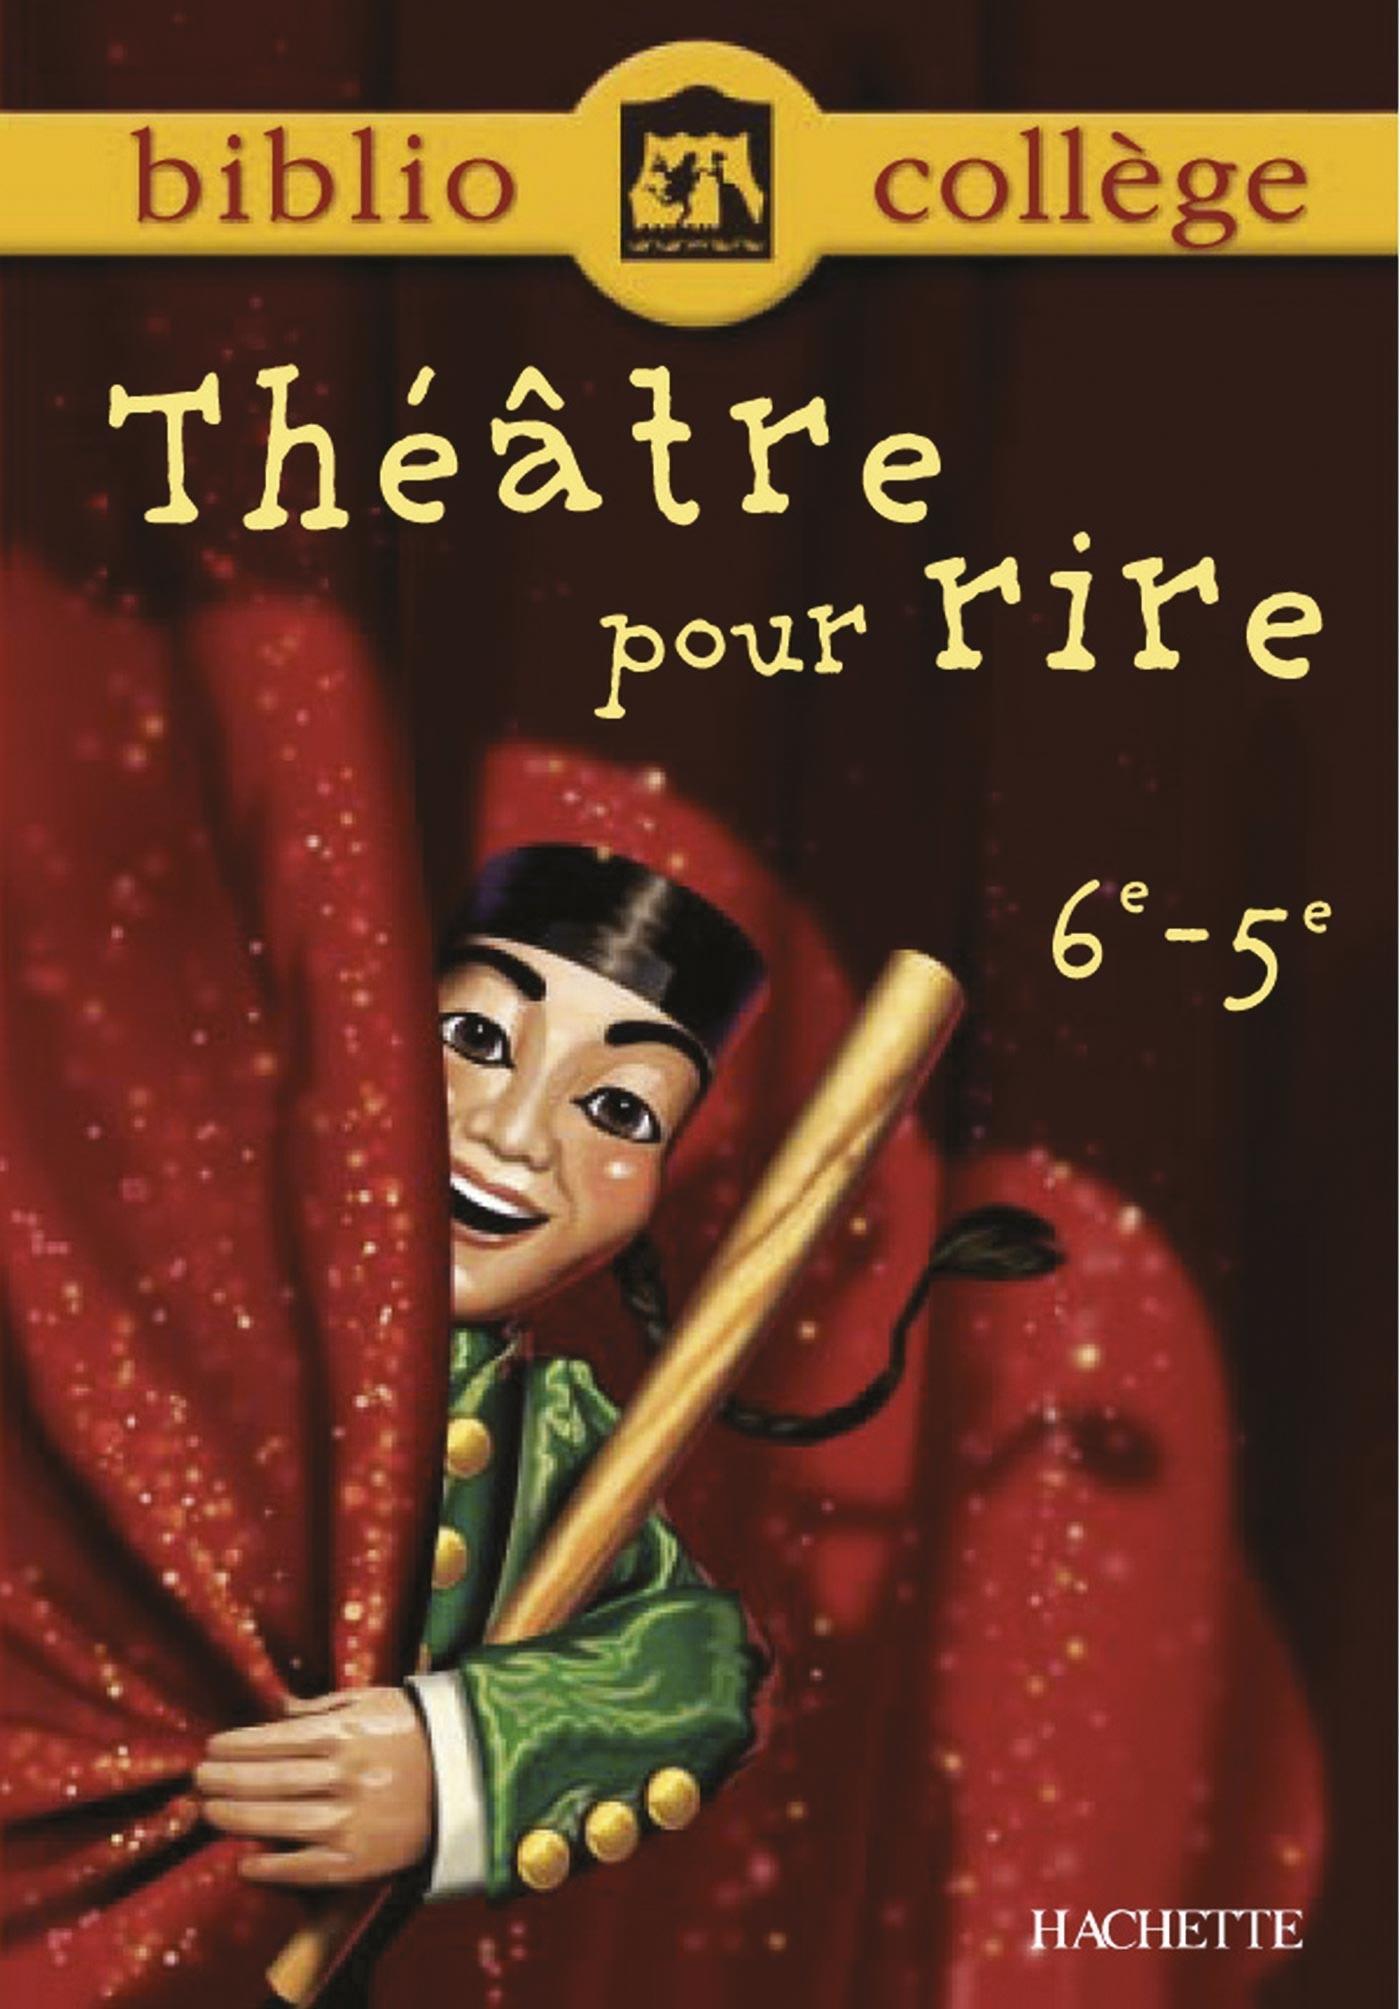 Théâtre pour rire 6ᵉ-5ᵉ